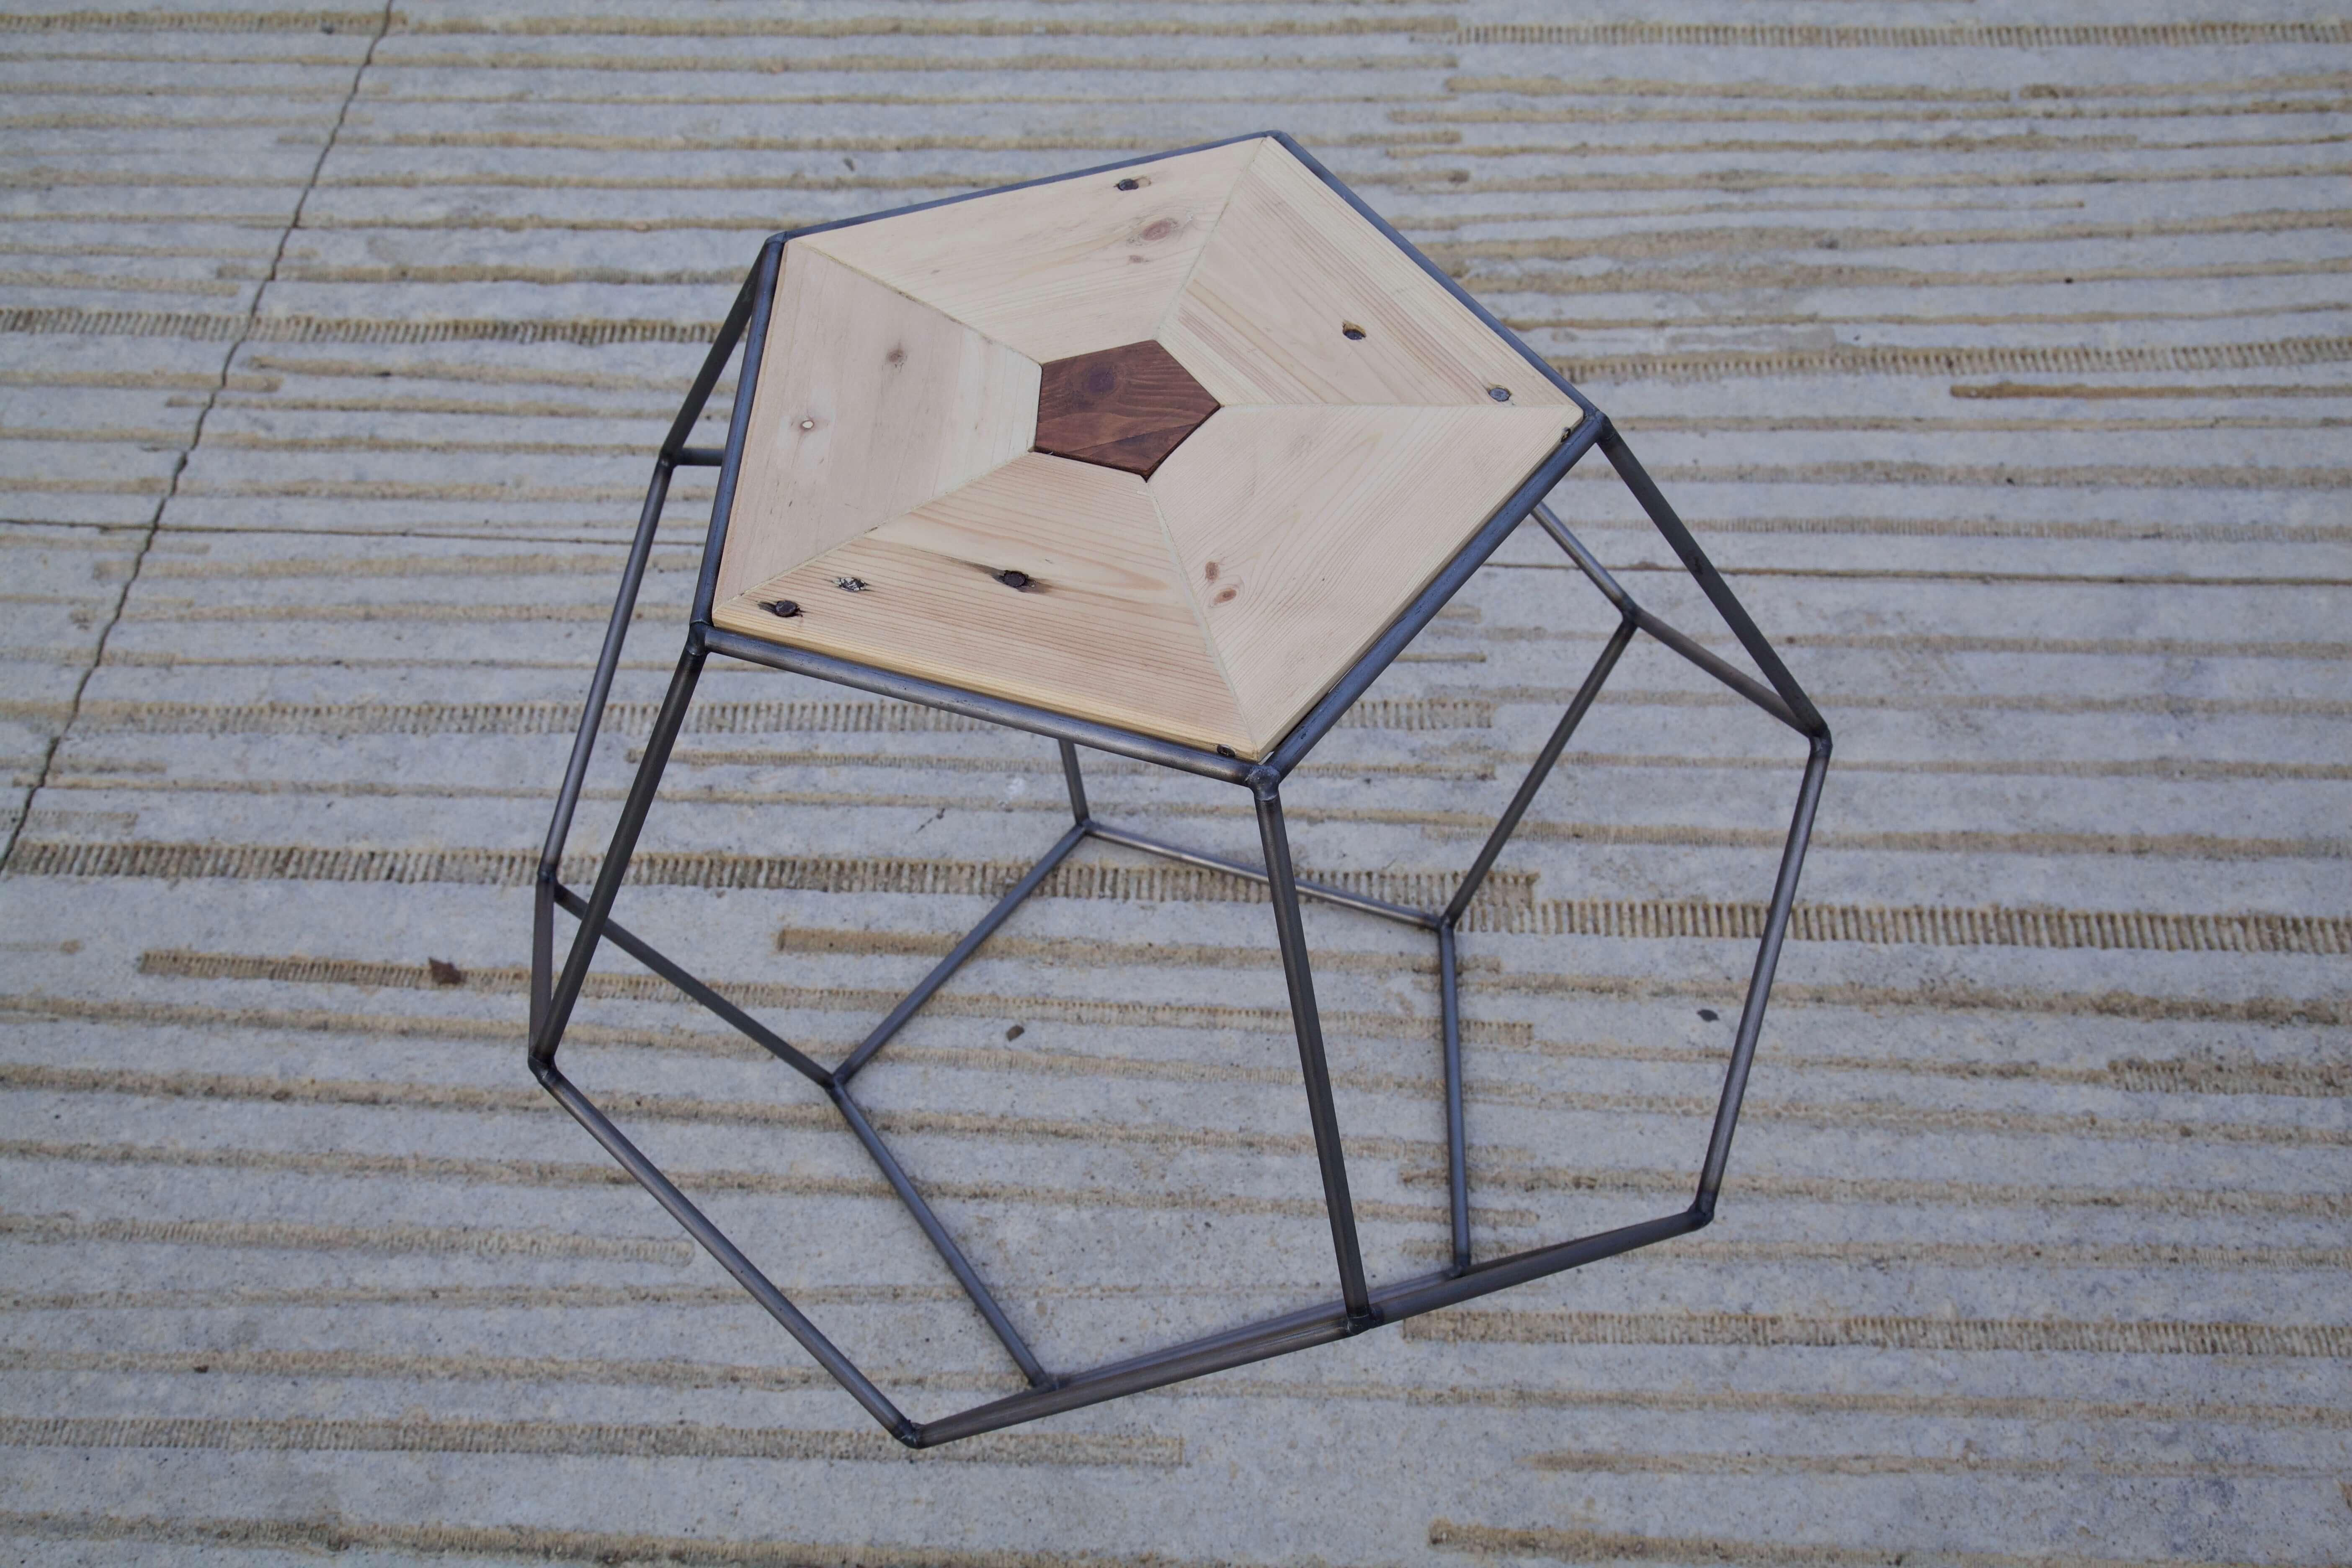 detalle superior derecha de la mesa pentagonal hecha con palets